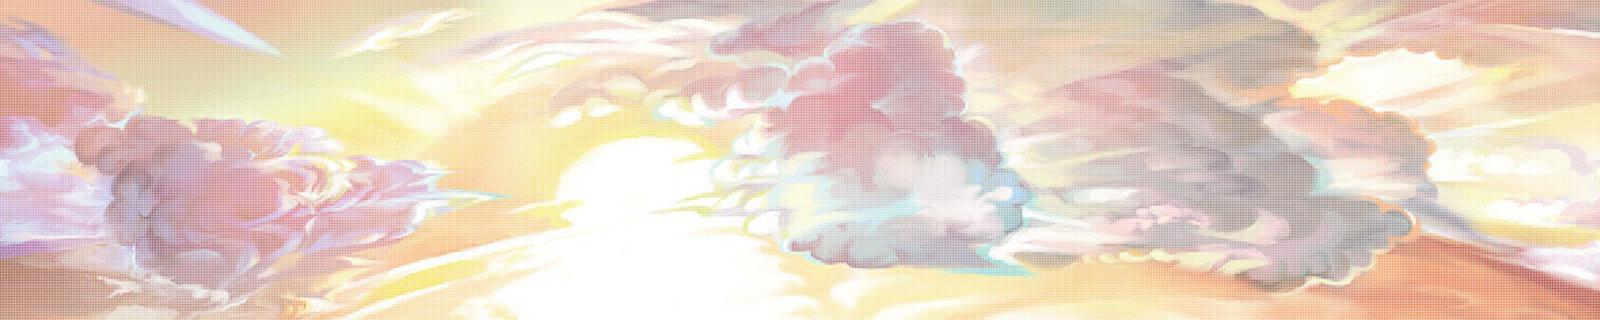 《精灵宝可梦 究极日月》洛托姆图鉴升级了